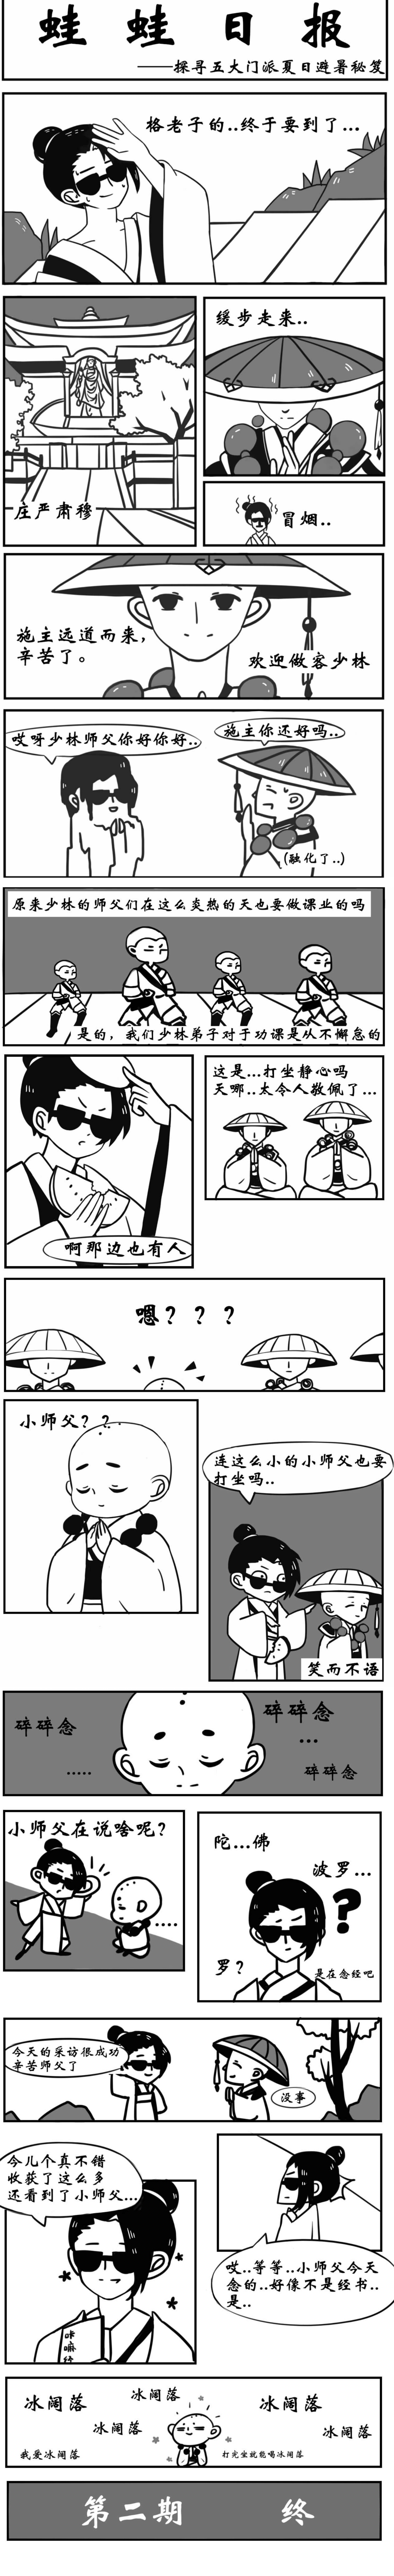 【江湖笔墨客】小师父的避暑秘诀?